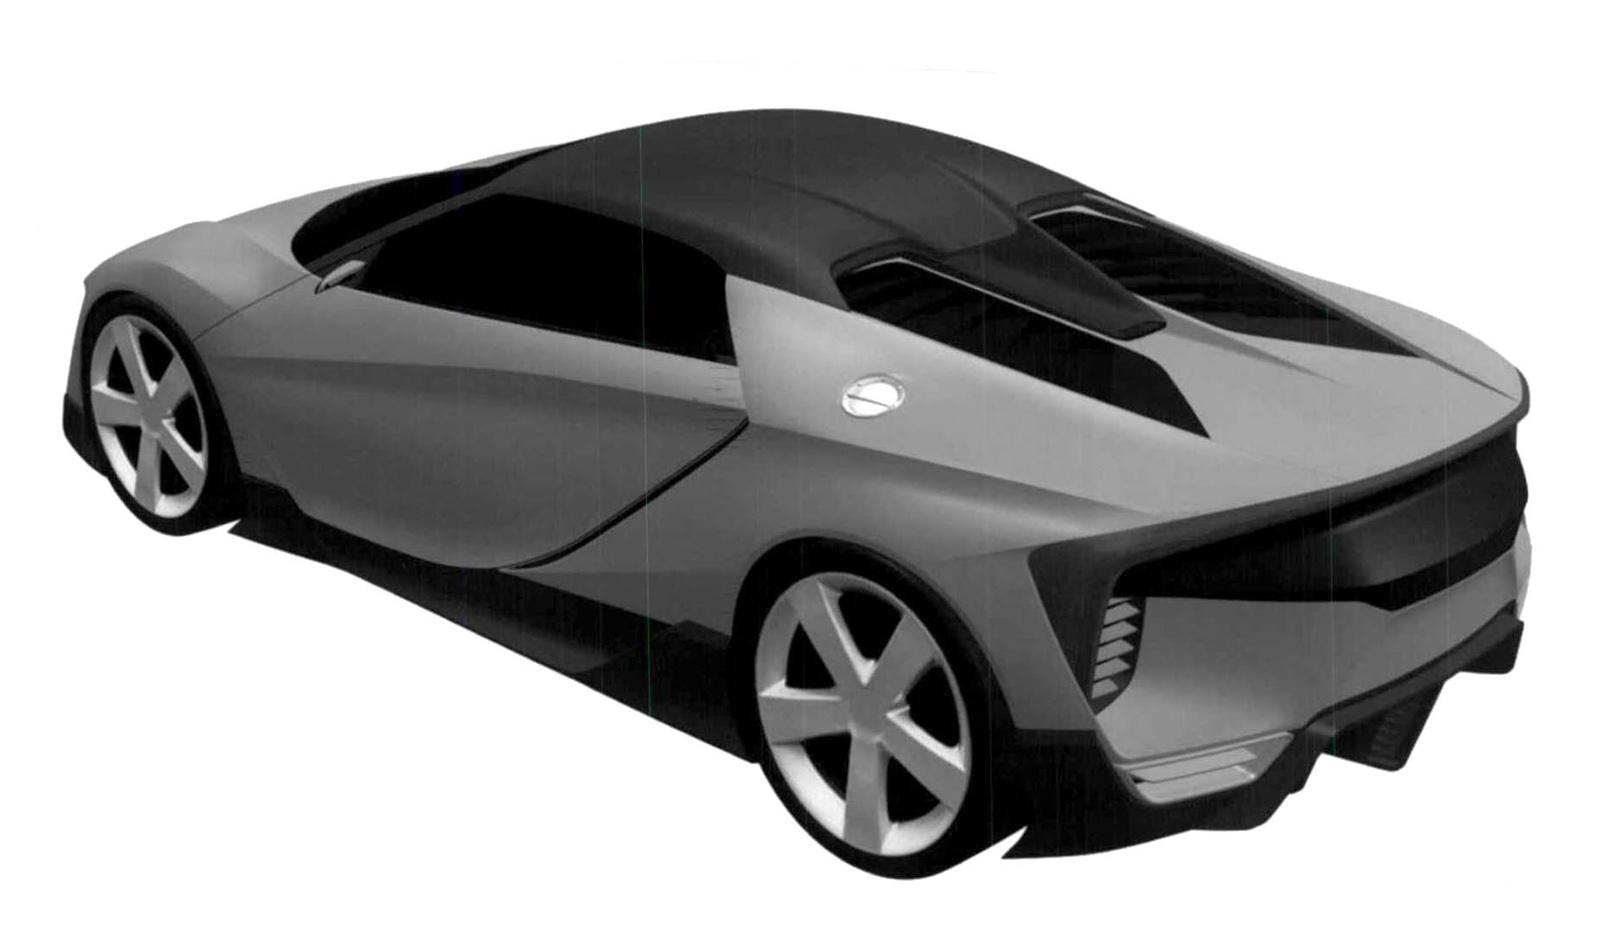 Se filtran unas patentes de un mini-Honda NSX de motor central 2